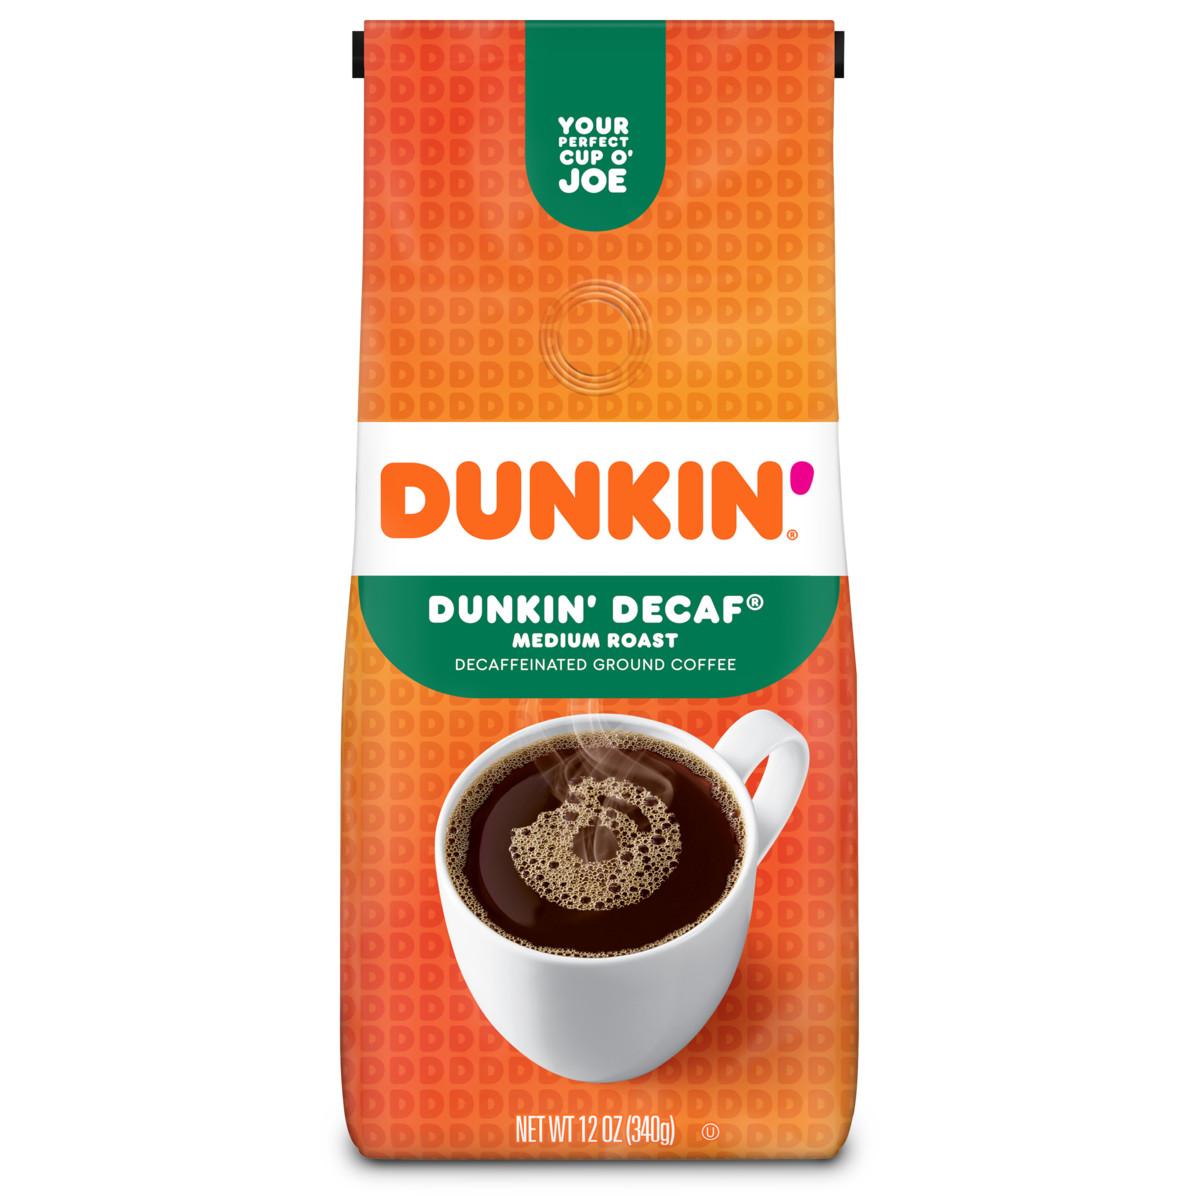 Dunkin' Decaf® Coffee